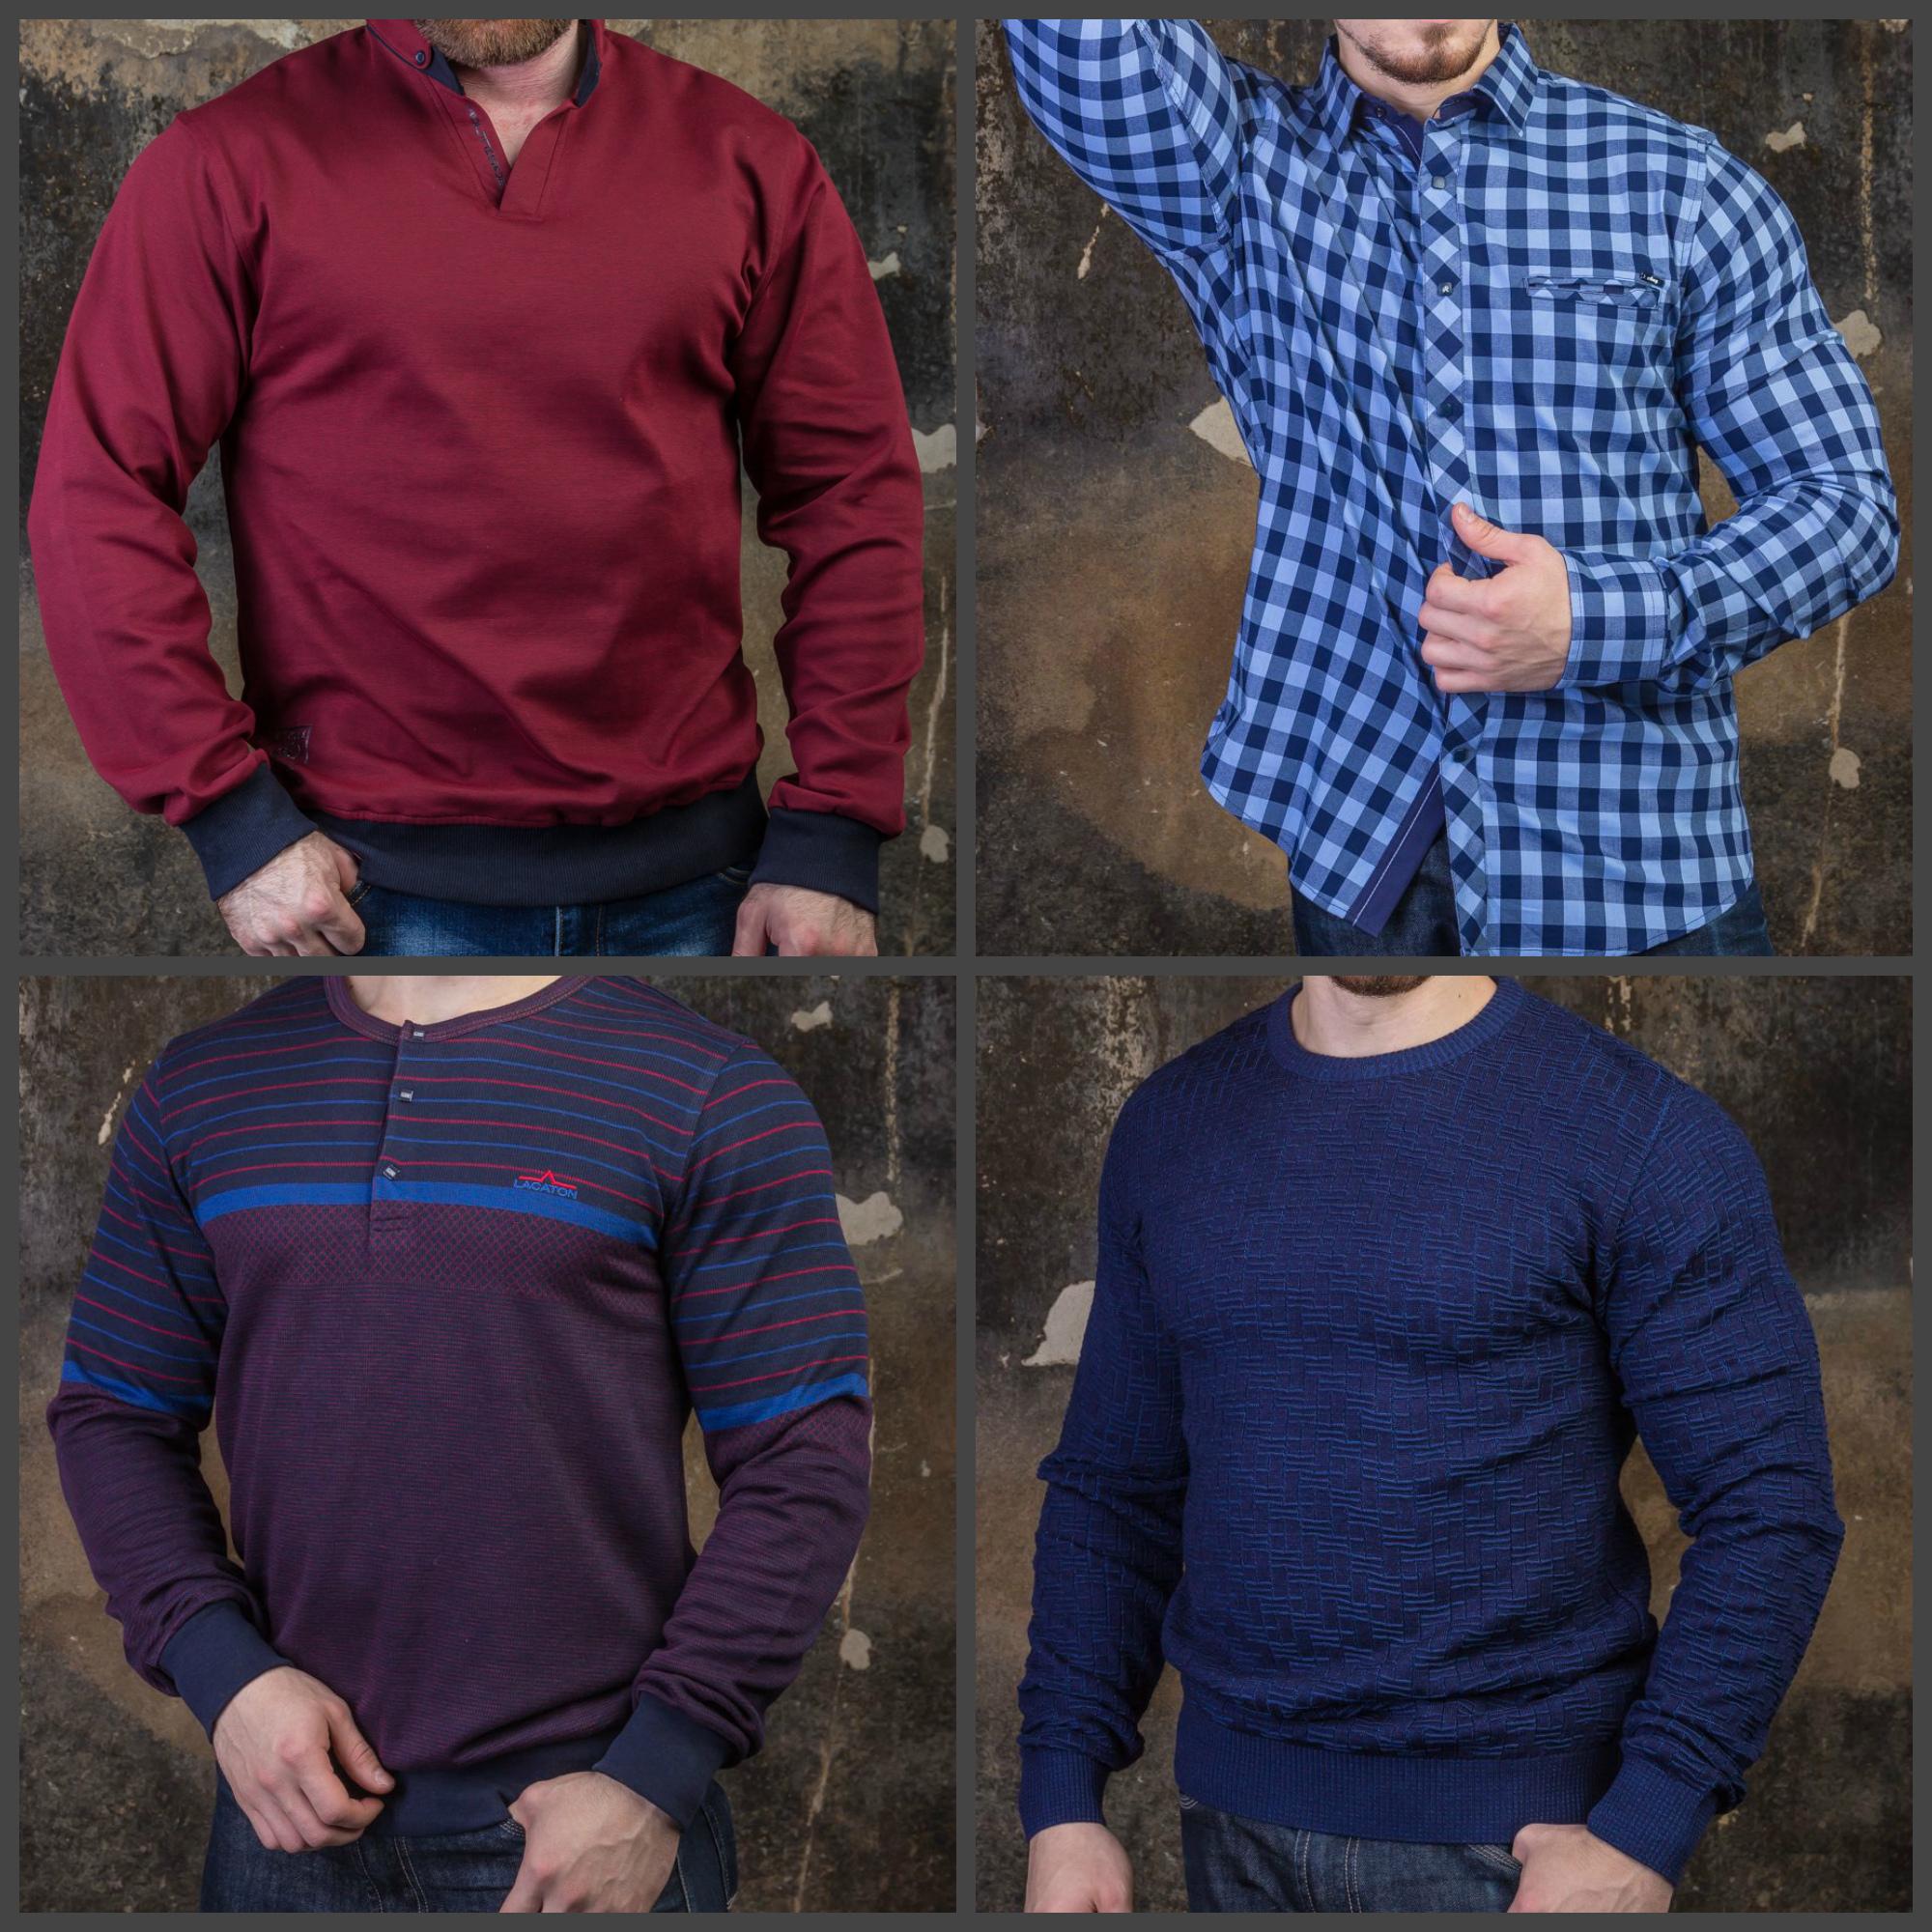 Молодежная мужская одежда по очень приятным ценам (от 500 руб). Огромный выбор джемперов, толстовок, рубашек (Турция). Есть распродажа (от 350 руб)